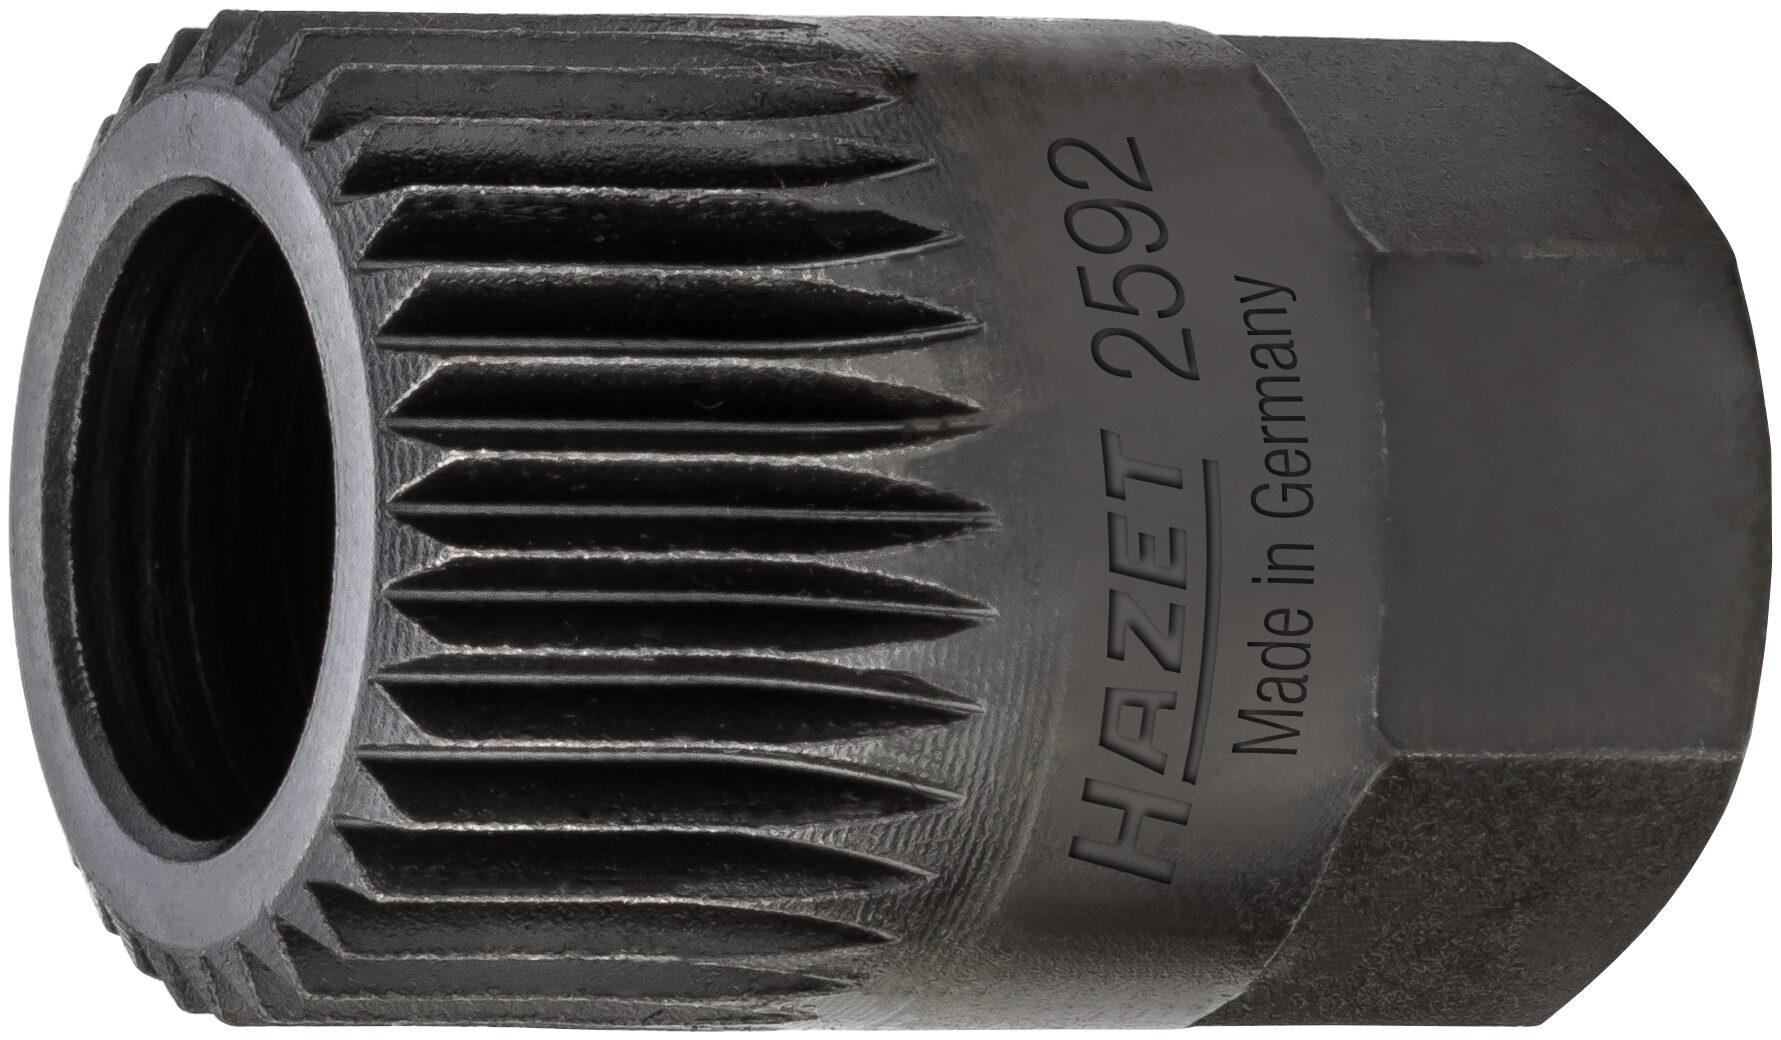 HAZET Keil(rippen)riemenscheibe-Adapter 2592 ∙ Außen-Sechskant 17 mm ∙ Vielzahn Profil ∙ 19.6 mm